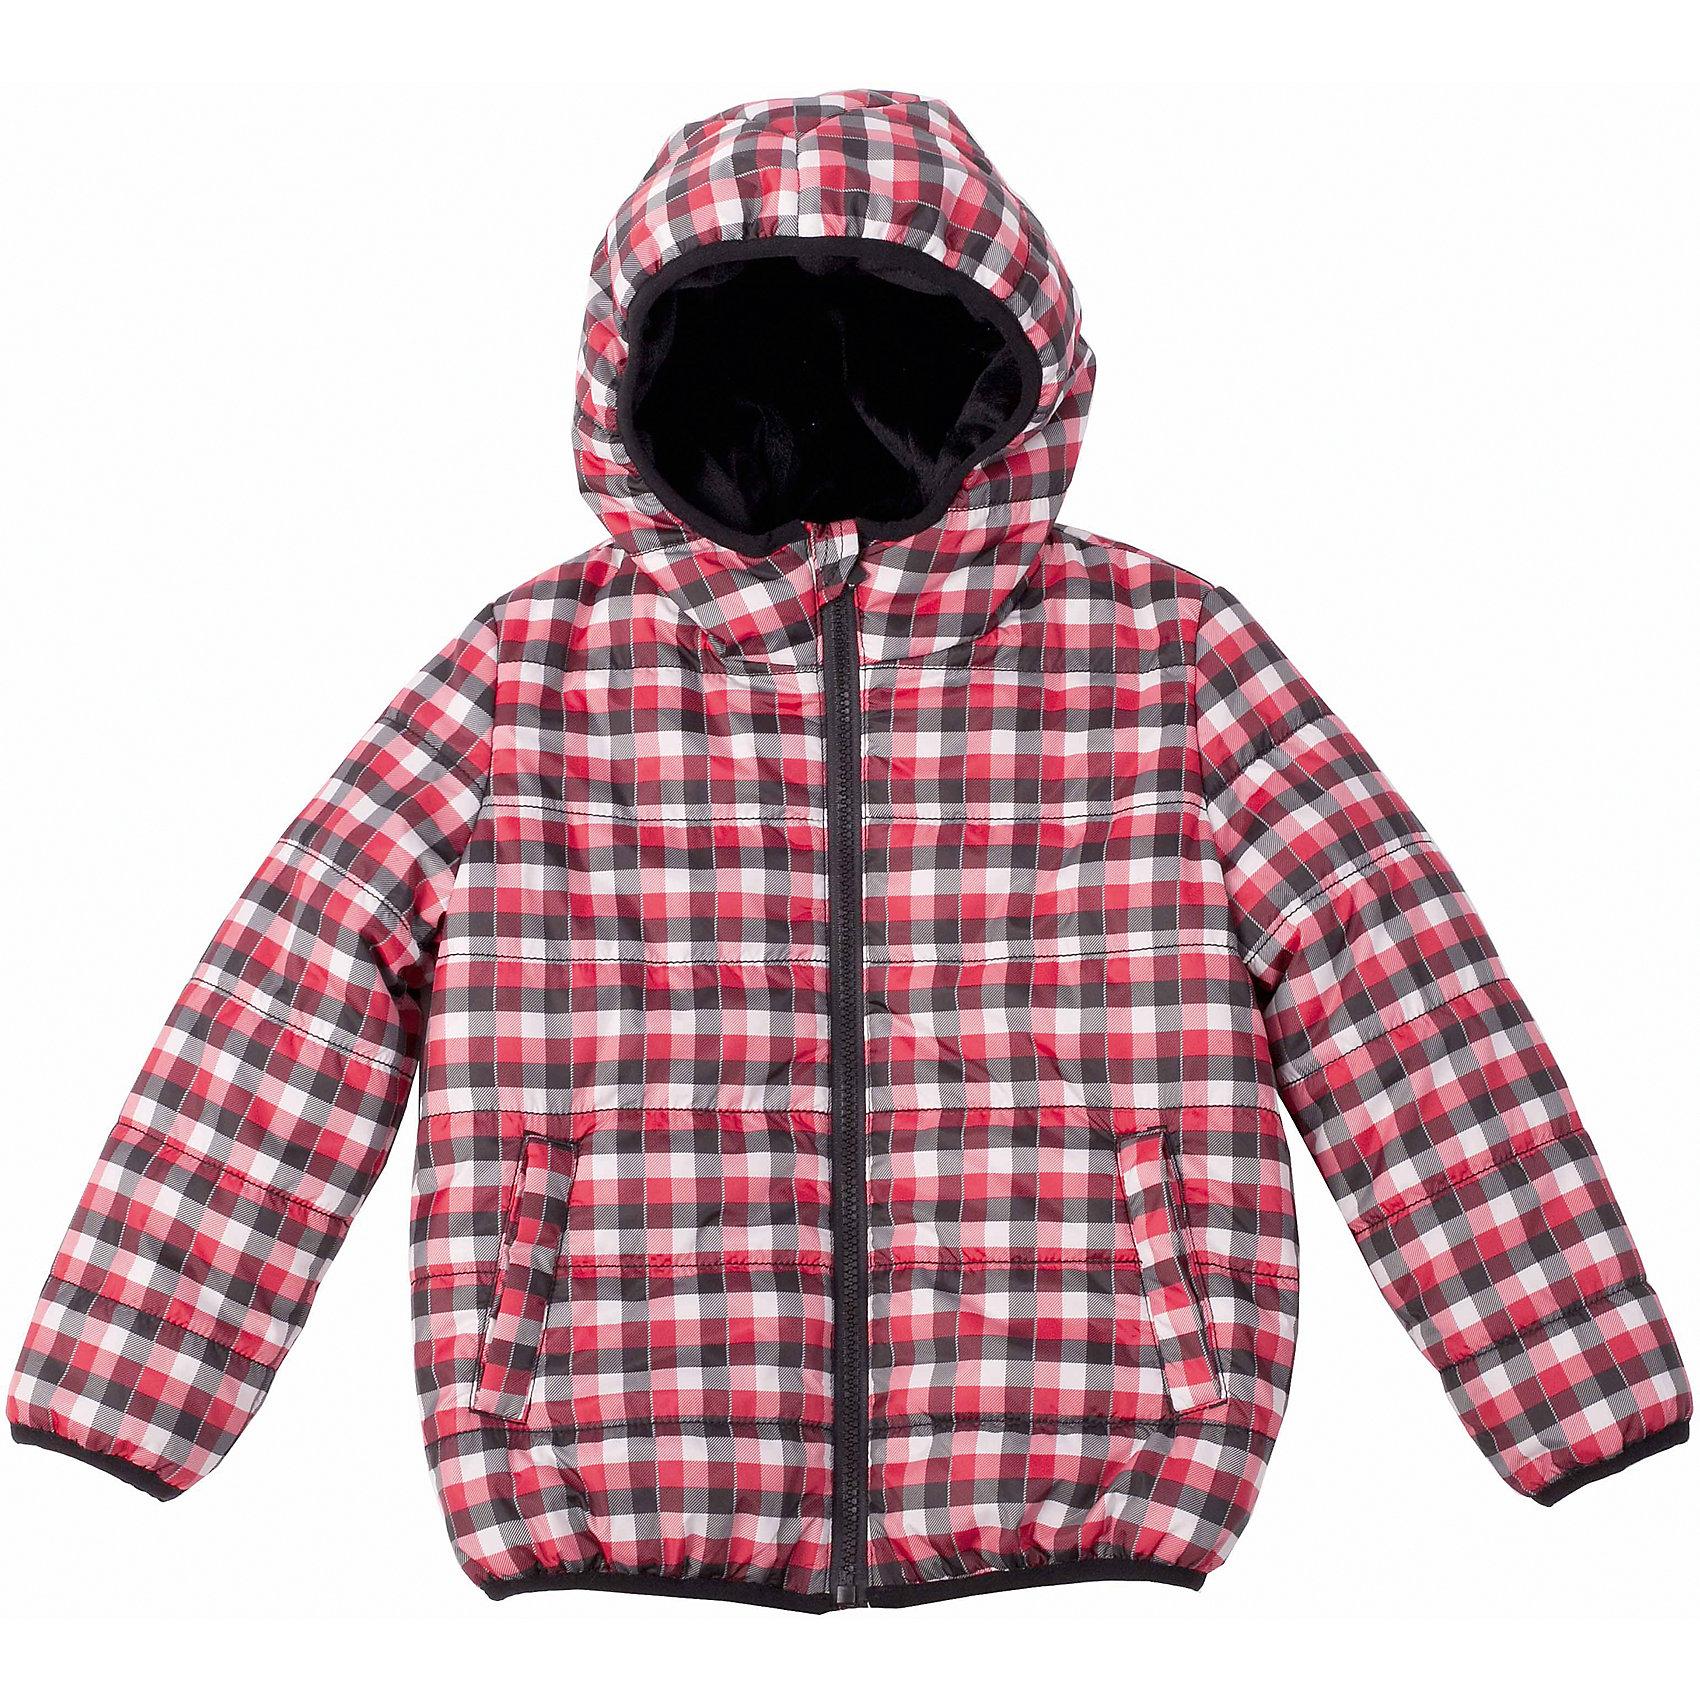 Куртка для мальчика Button BlueЯркая  клетчатая куртка на осень - ваш ответ  унылым дождливым будням! Удобный крой, функциональная карманы, контрастная подкладка обеспечат комфорт и хорошее настроение каждый день. Край куртки обработан черной эластичной тесьмой.<br>Состав:<br>тк. верха:    100%полиэстер,                           подкл.:  80%хлопок, 20%полиэстер/               утепл.:  100%полиэстер<br><br>Ширина мм: 356<br>Глубина мм: 10<br>Высота мм: 245<br>Вес г: 519<br>Цвет: разноцветный<br>Возраст от месяцев: 72<br>Возраст до месяцев: 84<br>Пол: Мужской<br>Возраст: Детский<br>Размер: 122,110,116,98,104<br>SKU: 4226985